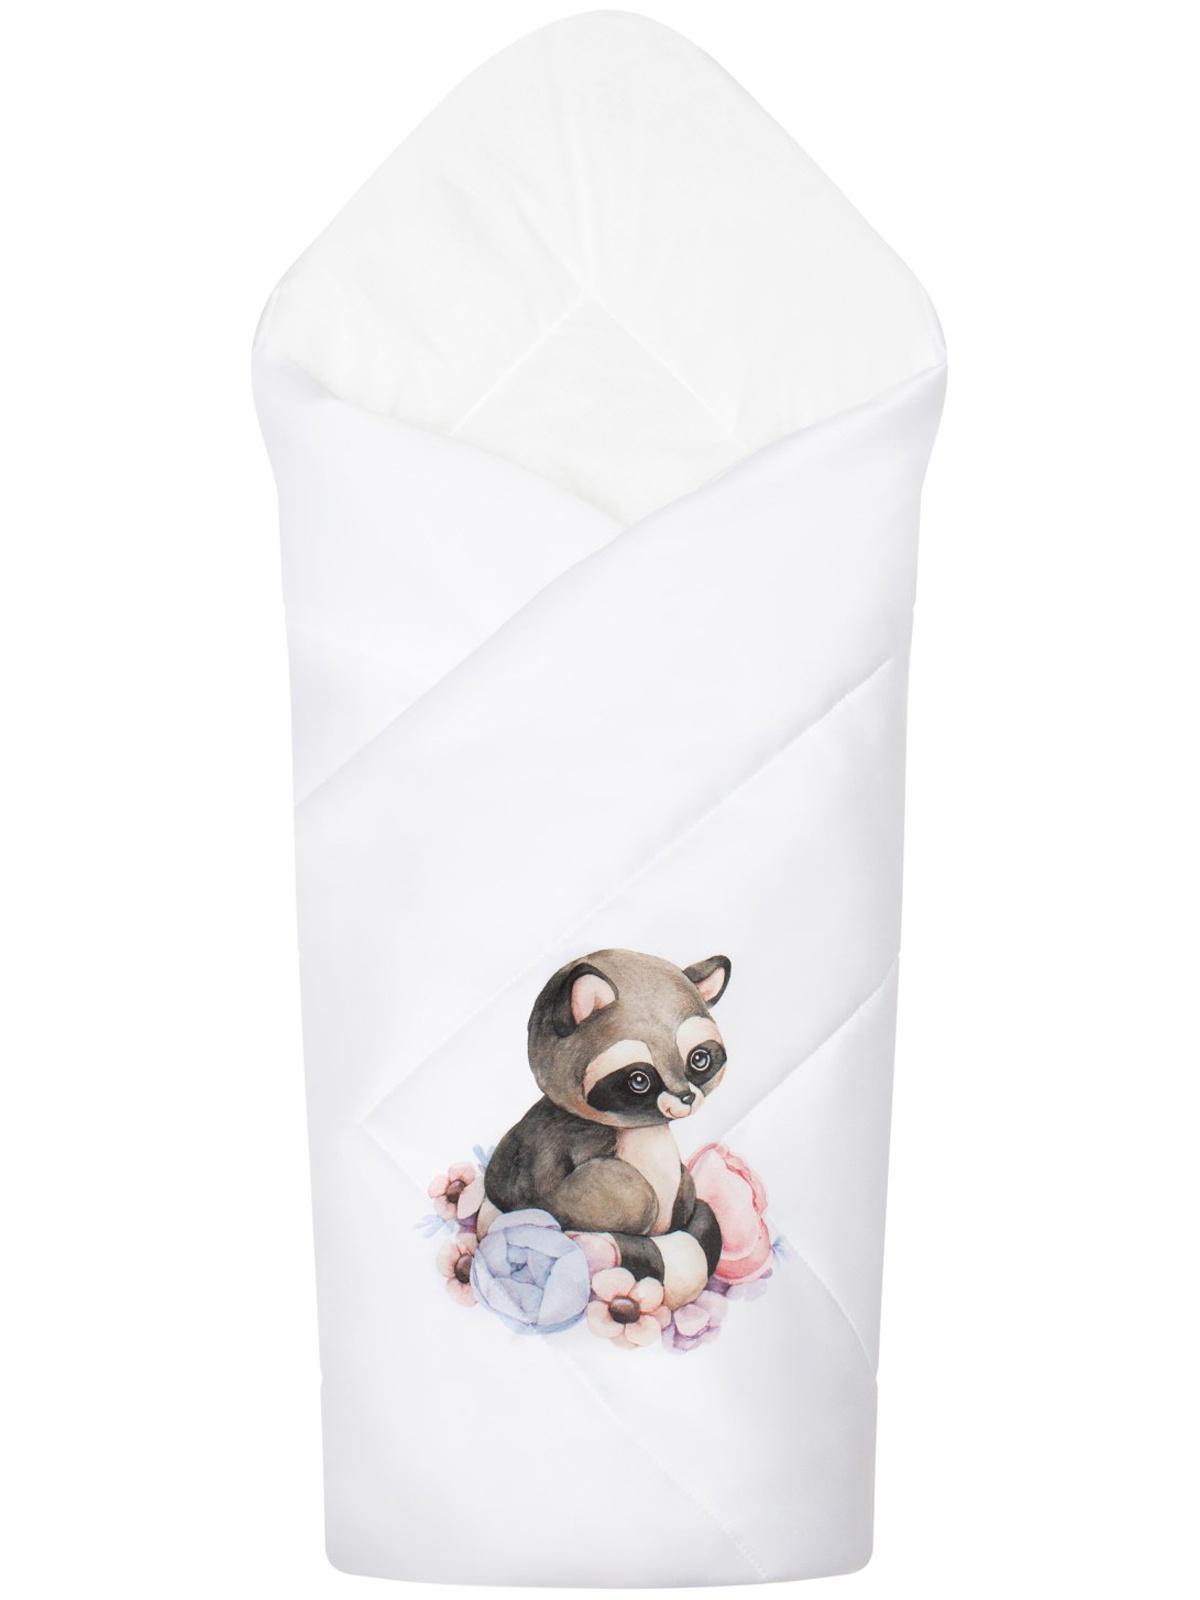 конверты на выписку mammie кокон конверт для новорожденного 80х40 см Конверт для новорожденного Luxury Baby